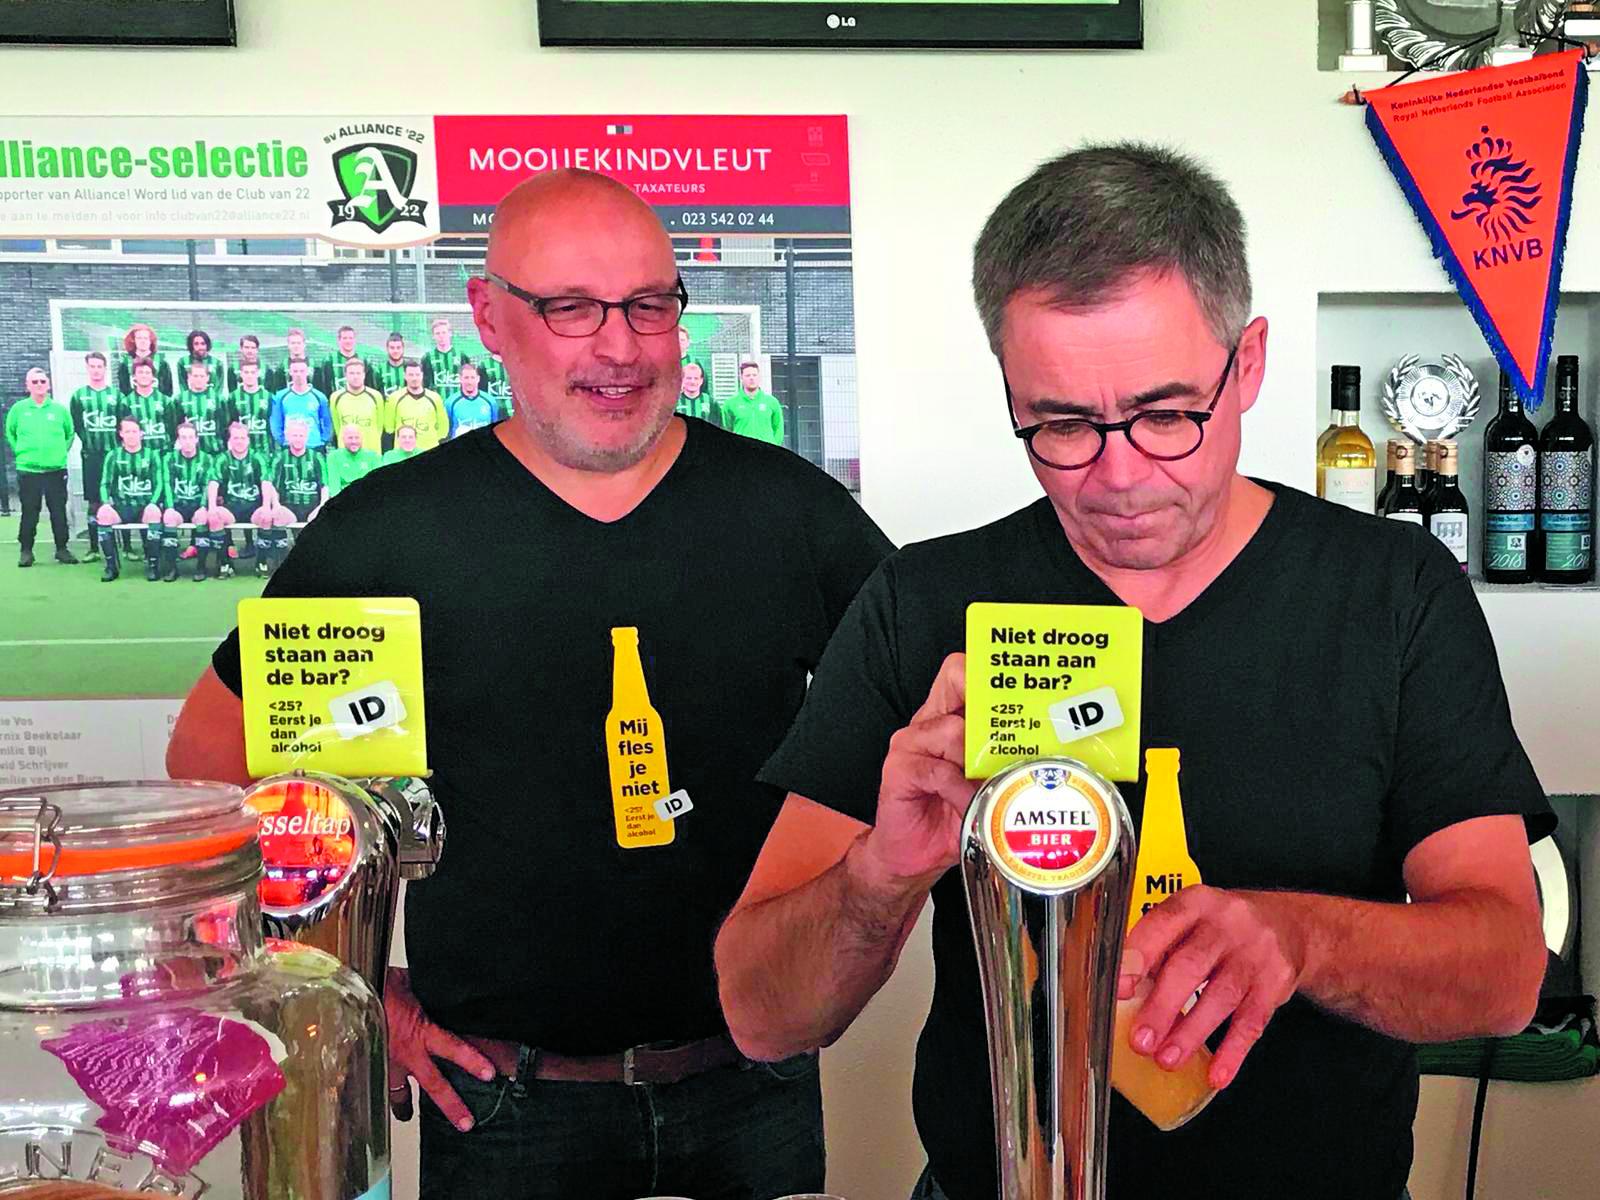 Onder toeziend oog van een barvrijwilliger, tapt burgemeester Jos Wienen (rechts) een biertje. (foto aangeleverd)